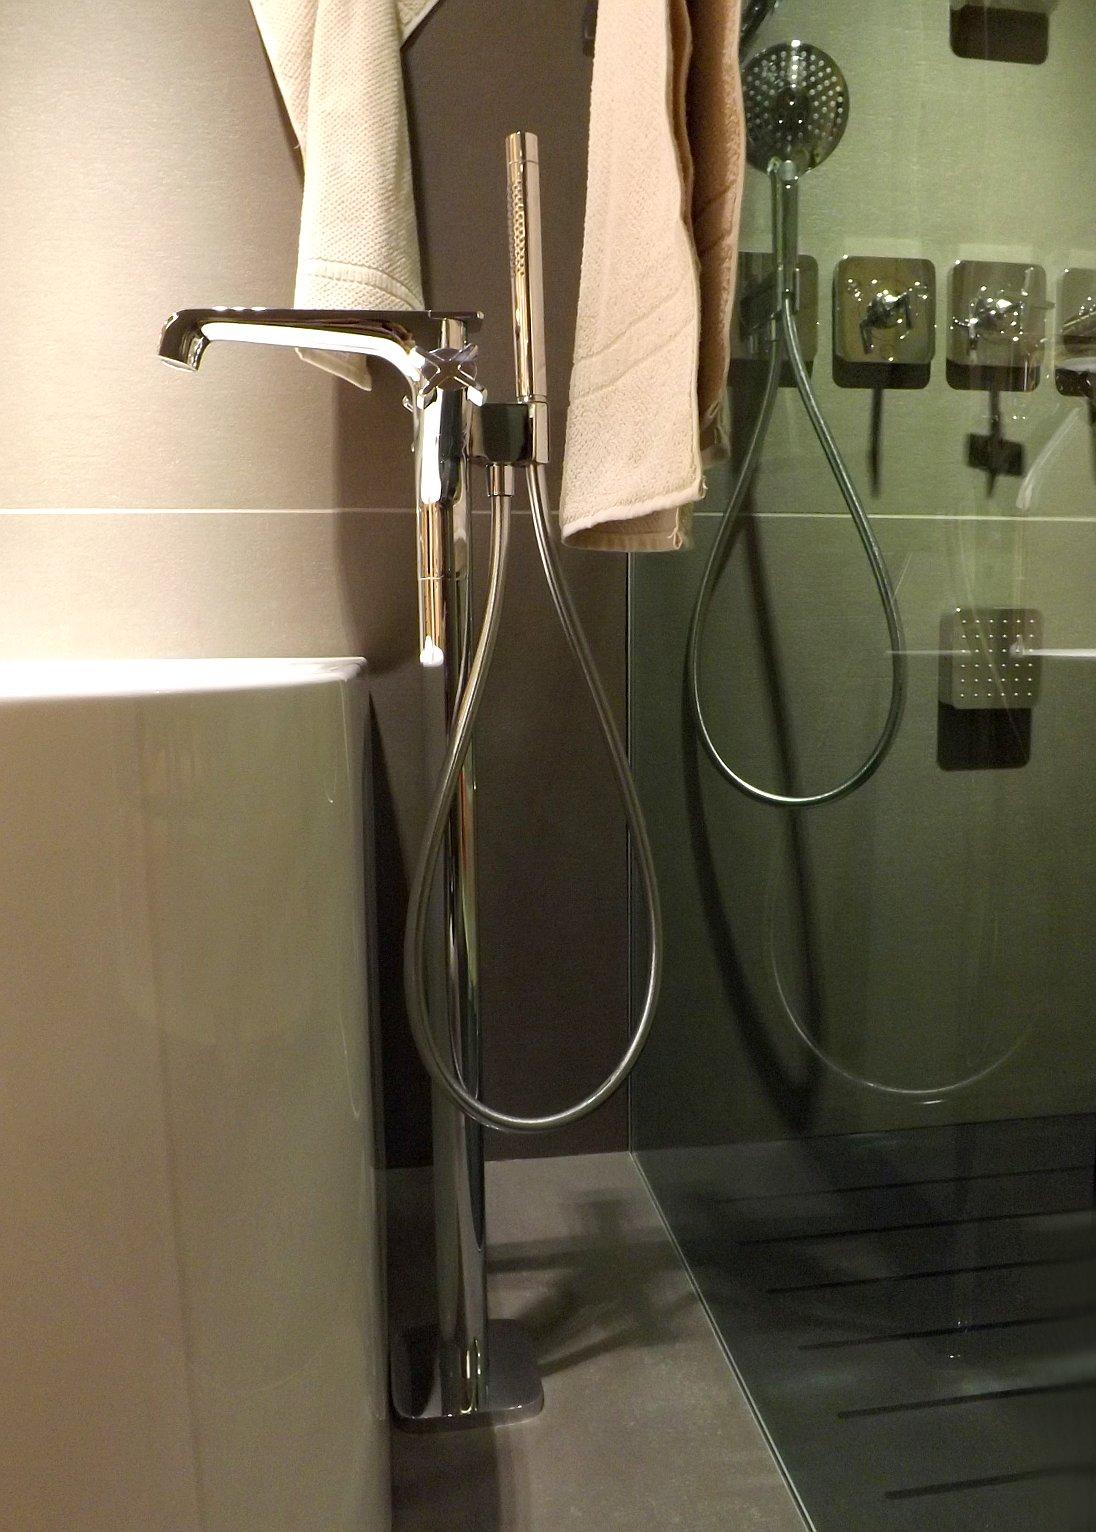 Модные тренды сантехники и аксессуаров для ванной 2016: напольный смеситель на экспозиции от AXOR (Hansgrohe) во время выставки MosBuild